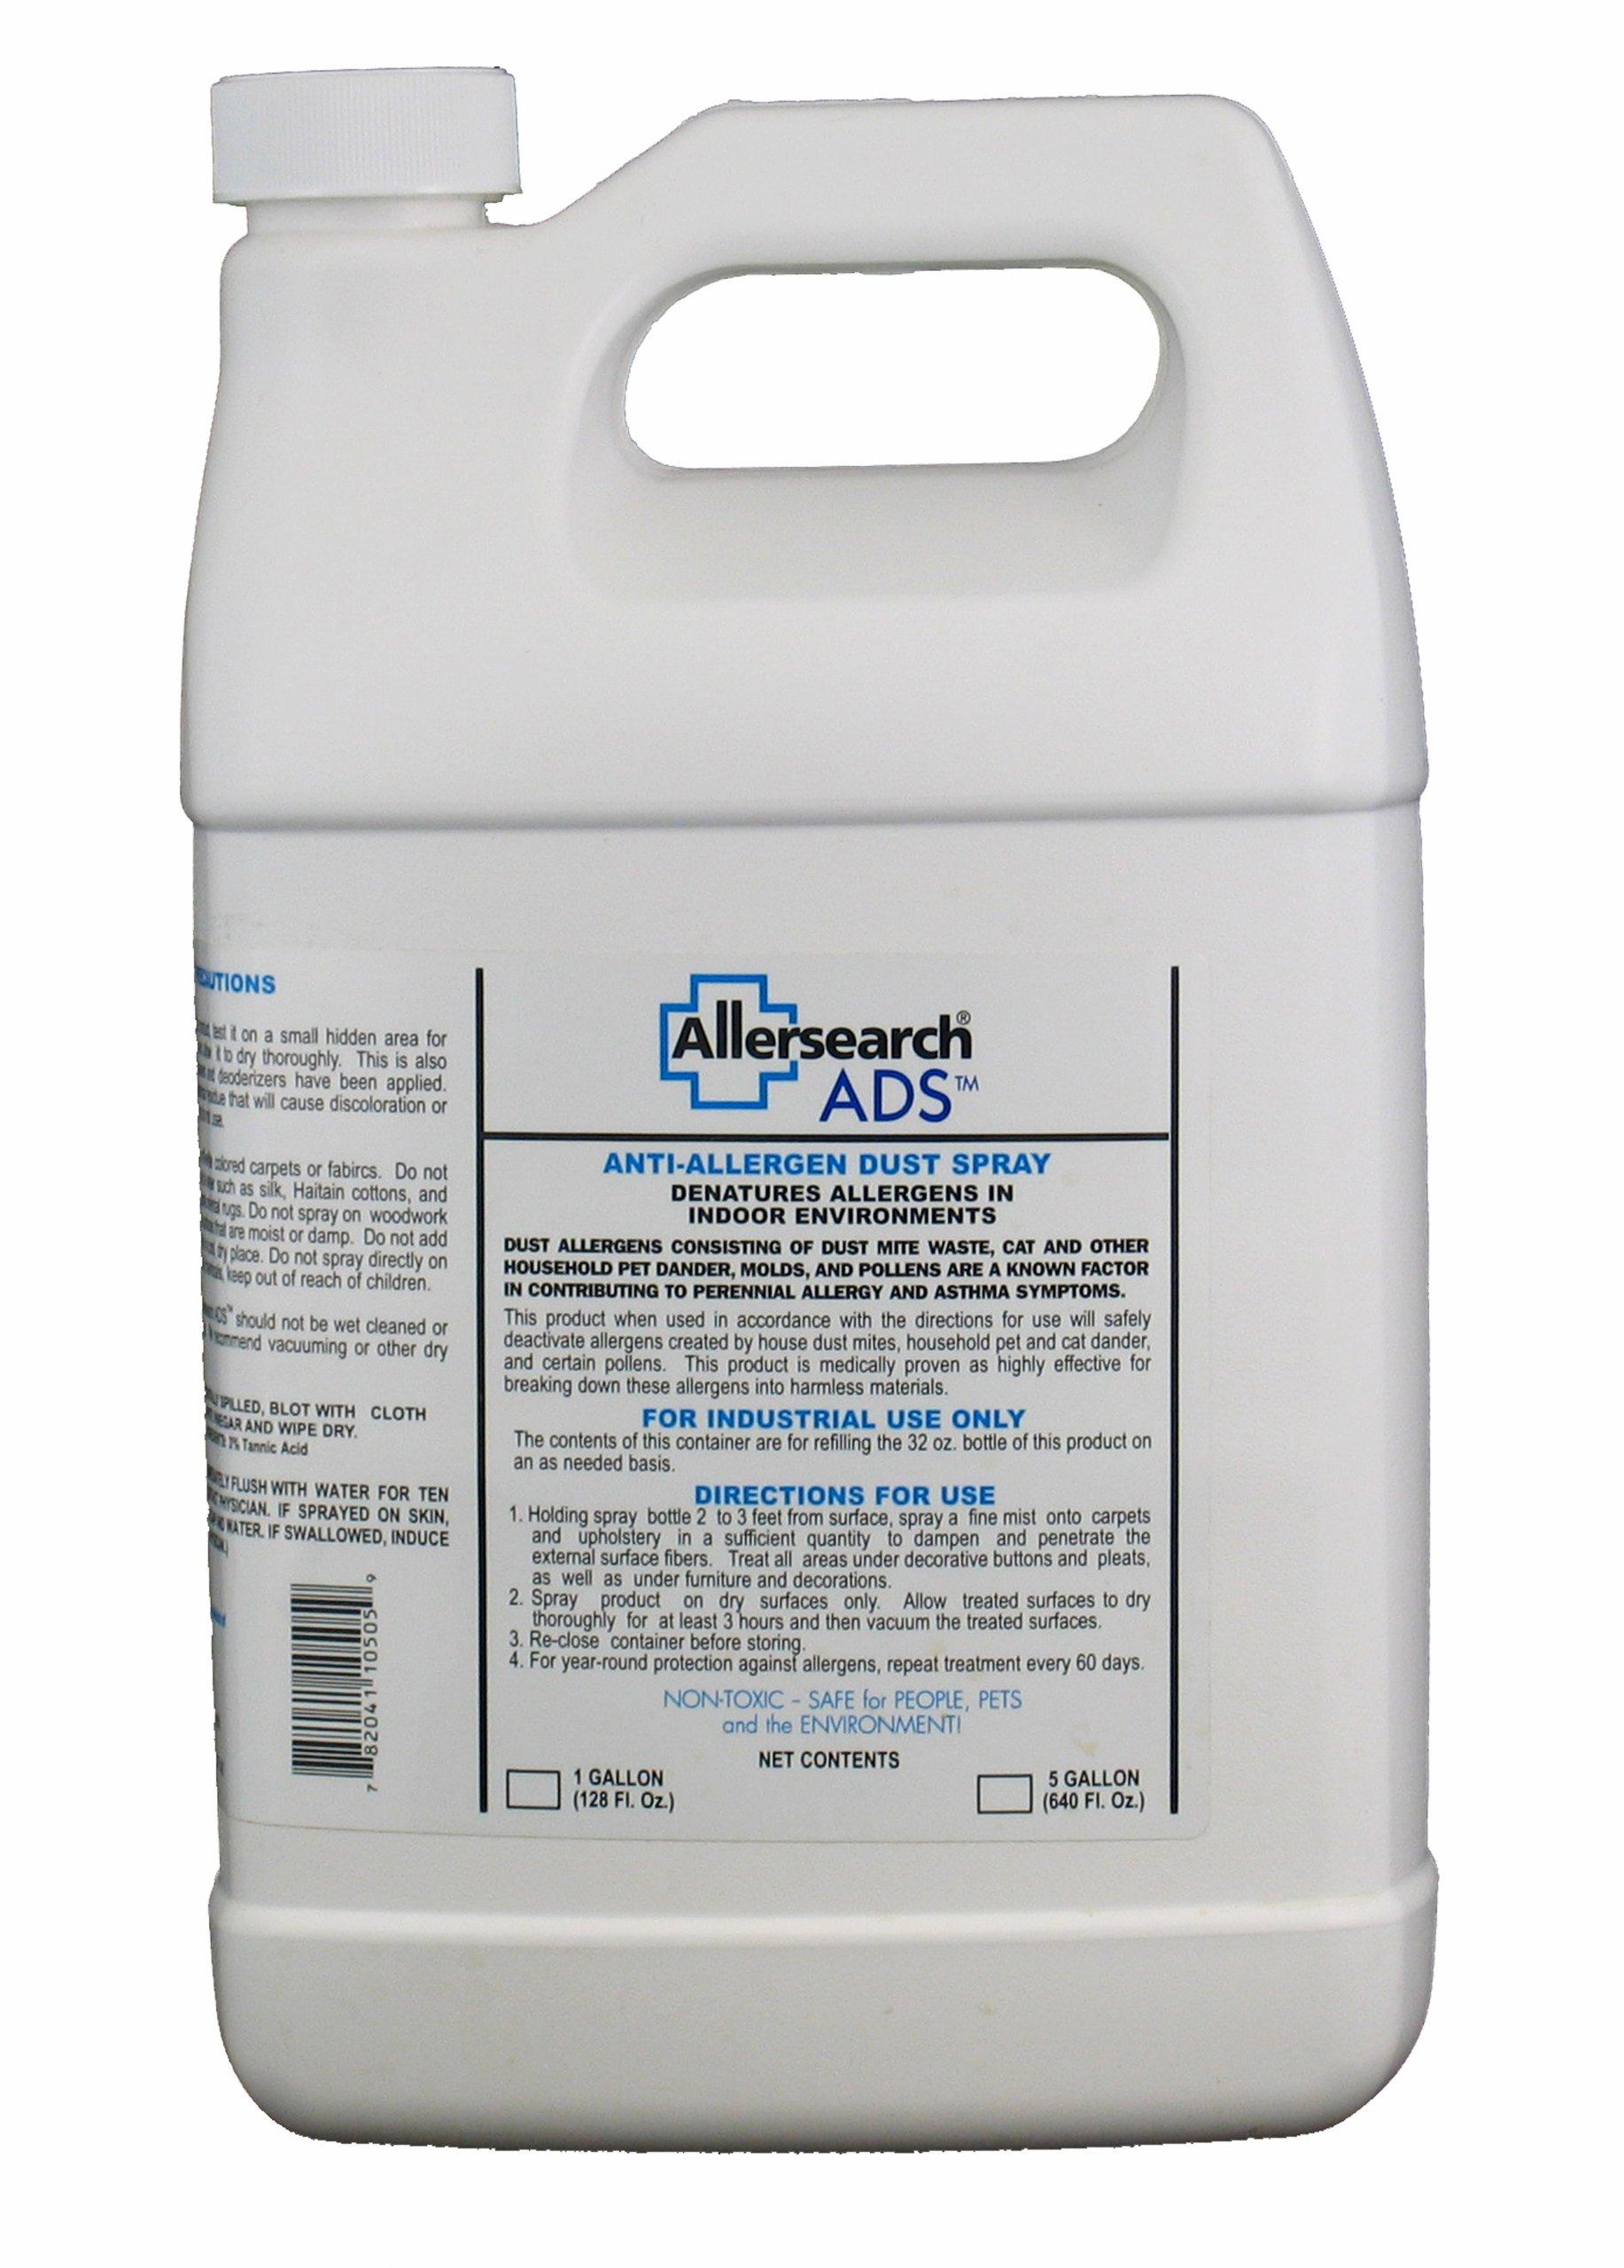 Allersearch ADS Anti-Allergen Dust Spray 128 oz.